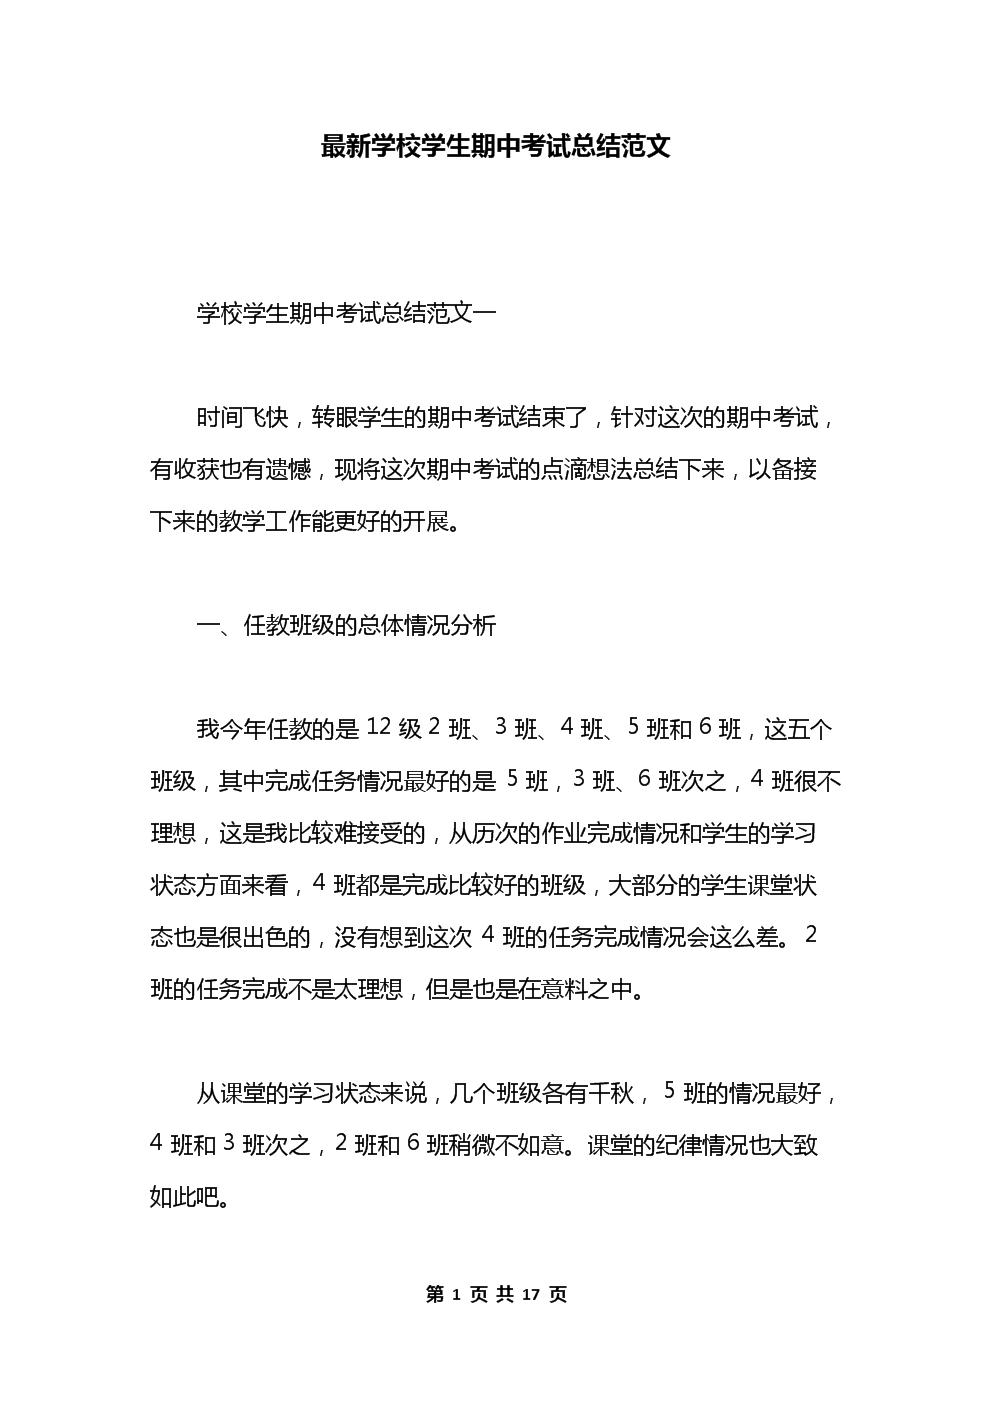 最新学校学生期中考试总结范文.docx